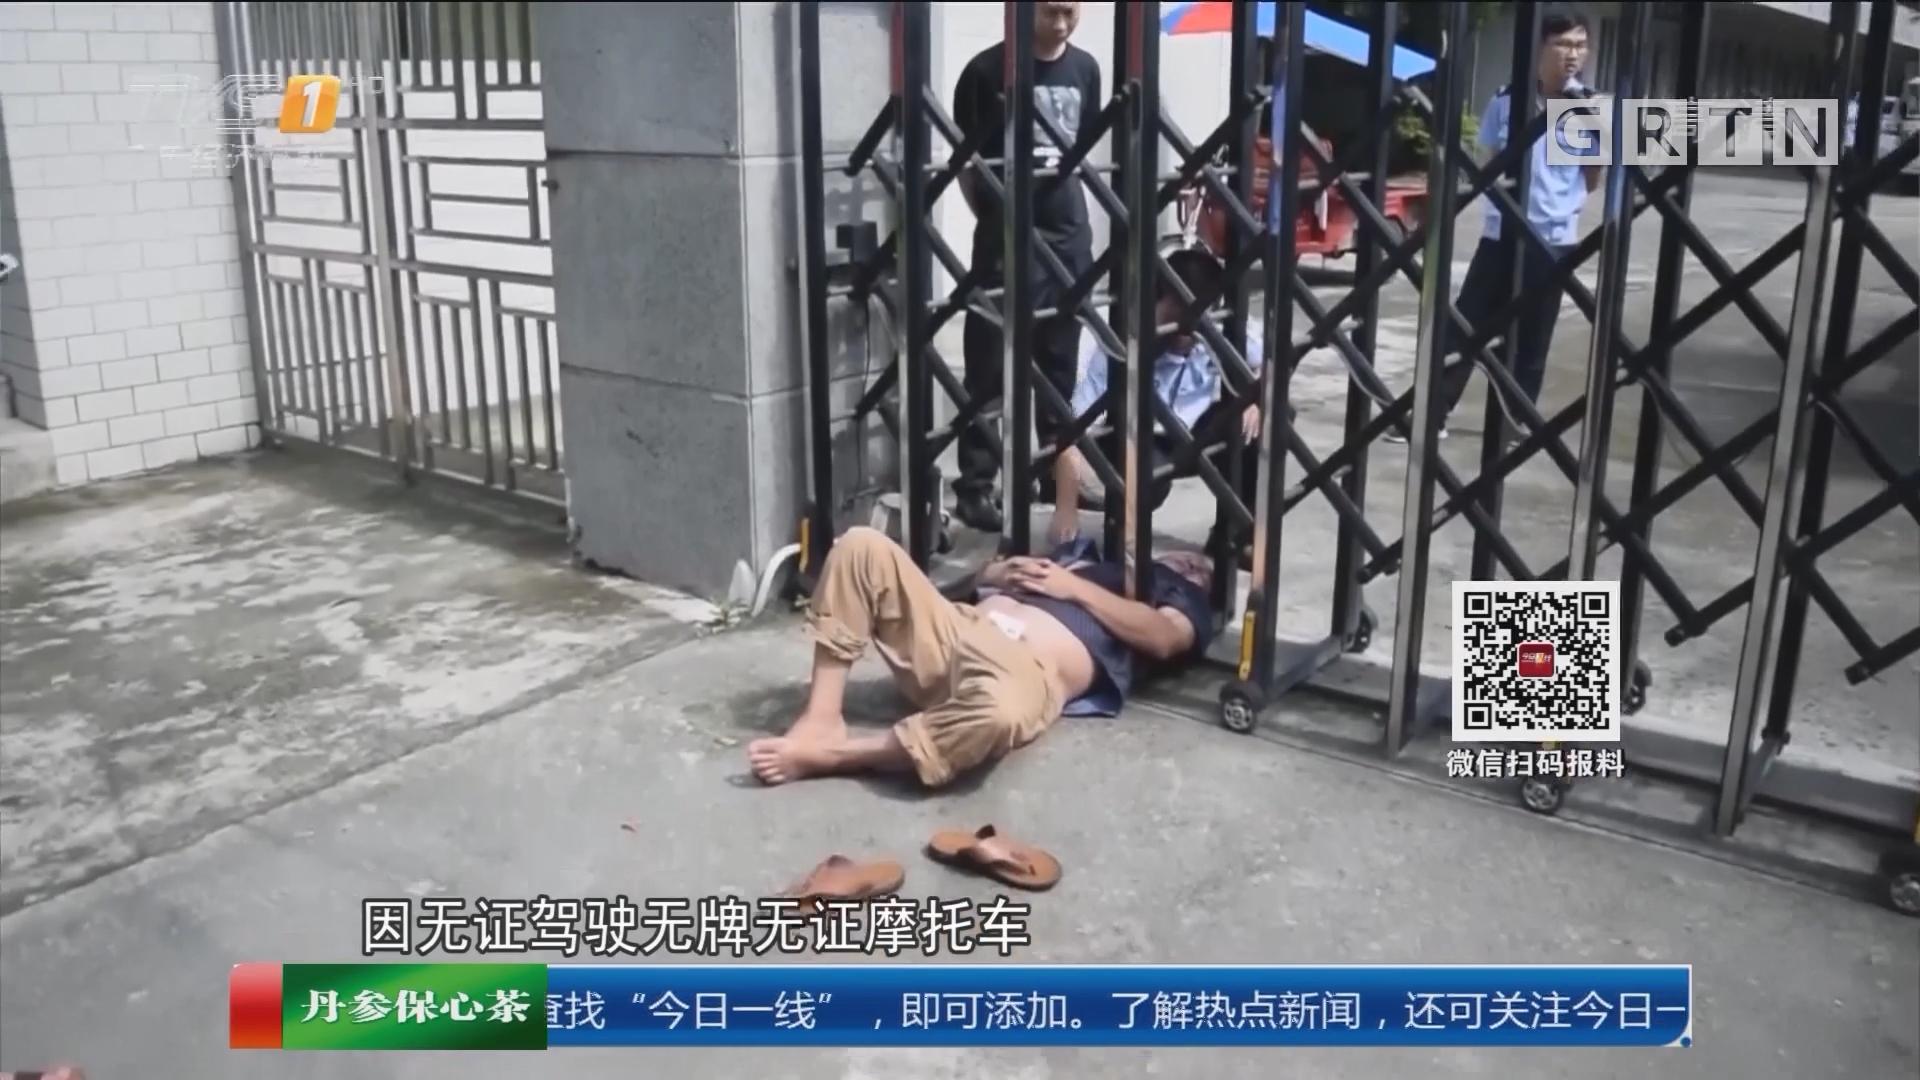 东莞虎门:拘留期满不思悔改 男子大闹治摩办